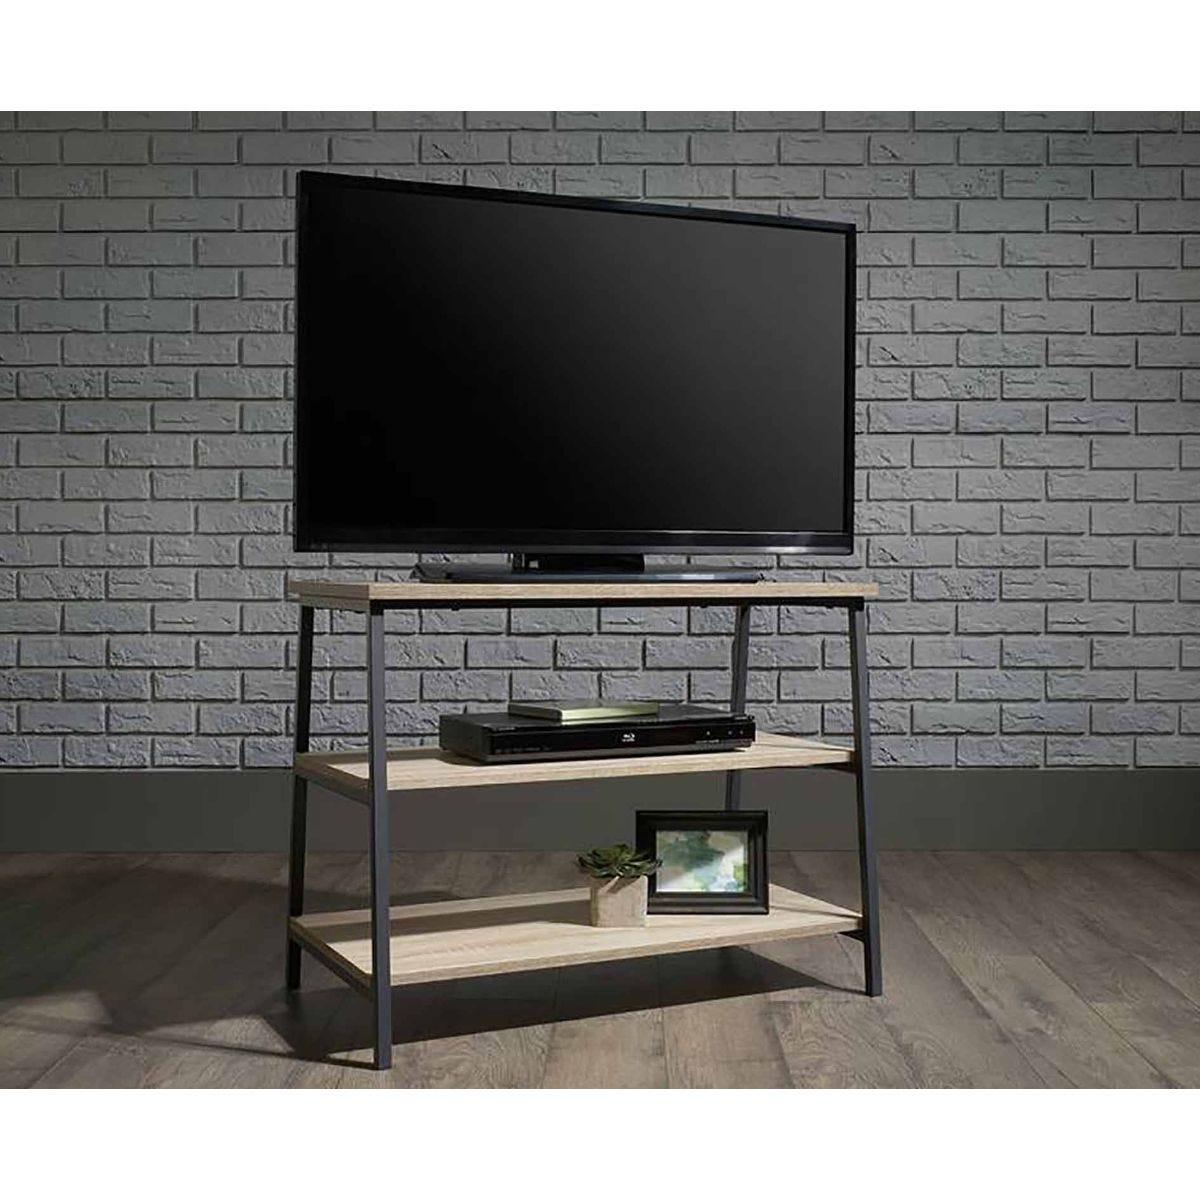 Teknik Industrial Style TV Stand and Trestle Shelf, Oak Effect